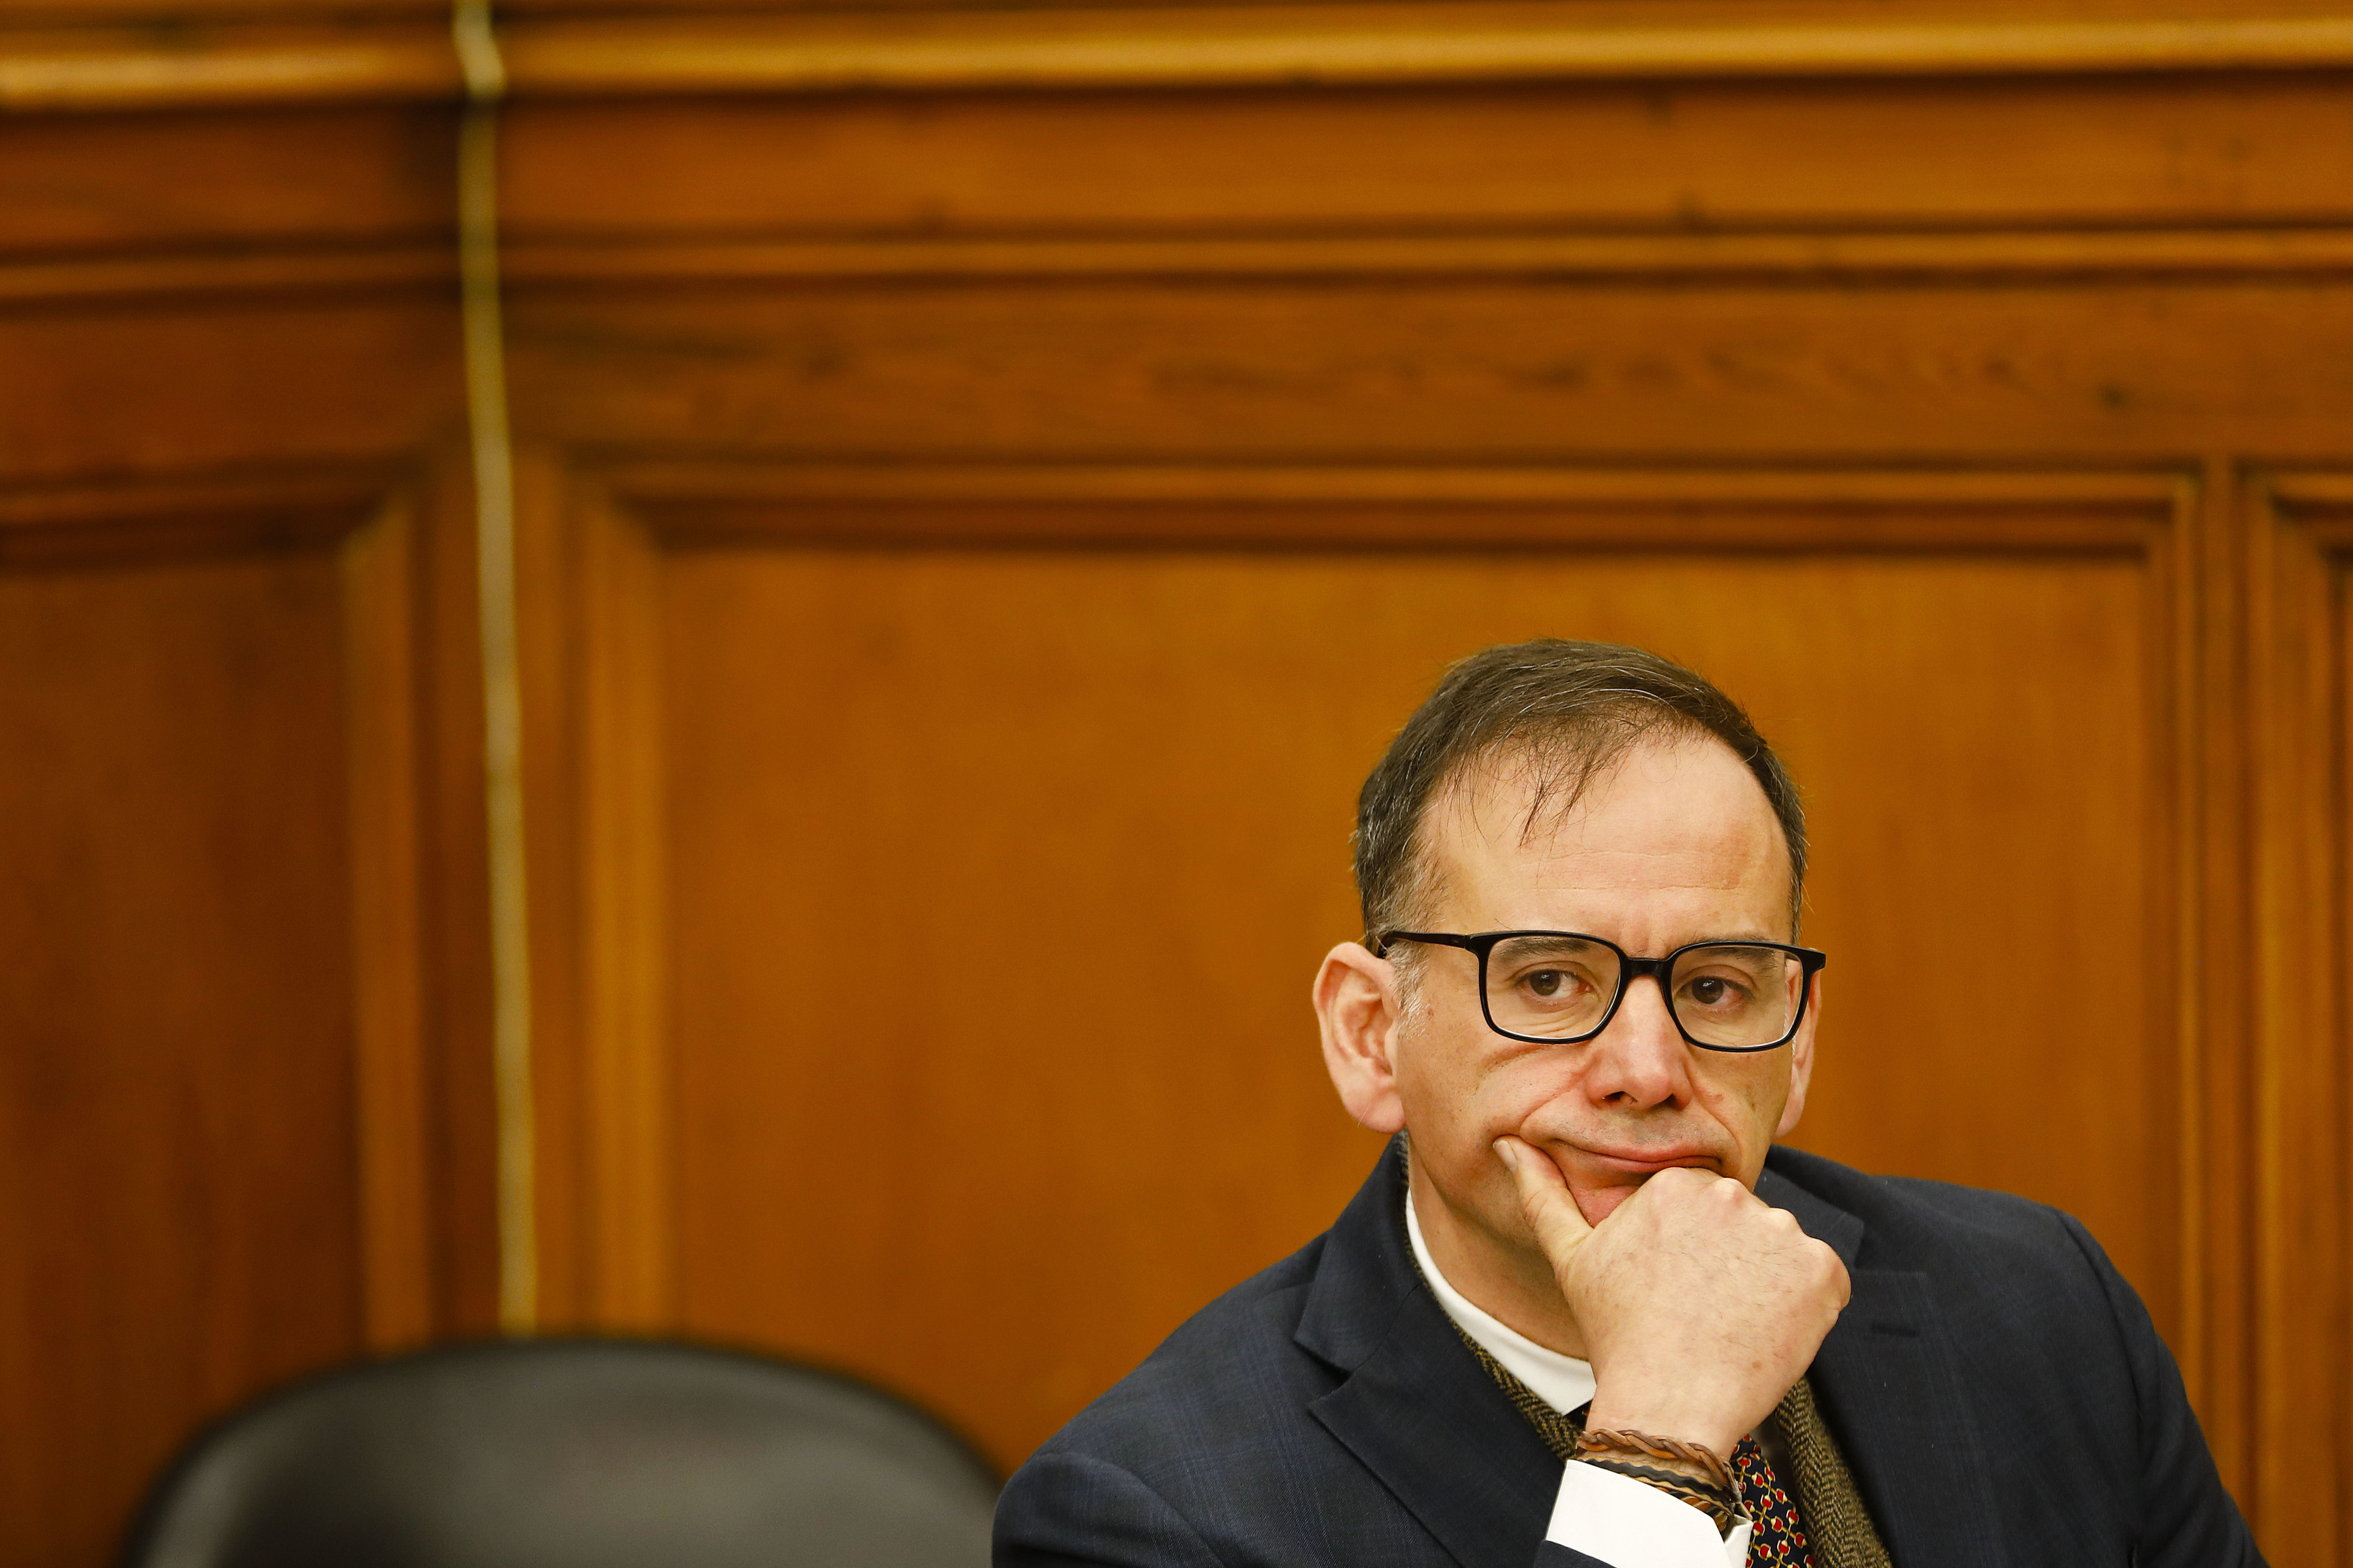 Apenas oito meses depois de assumir o cargo, Miguel Honrado demite-se da administração do Centro Cultural de Belém